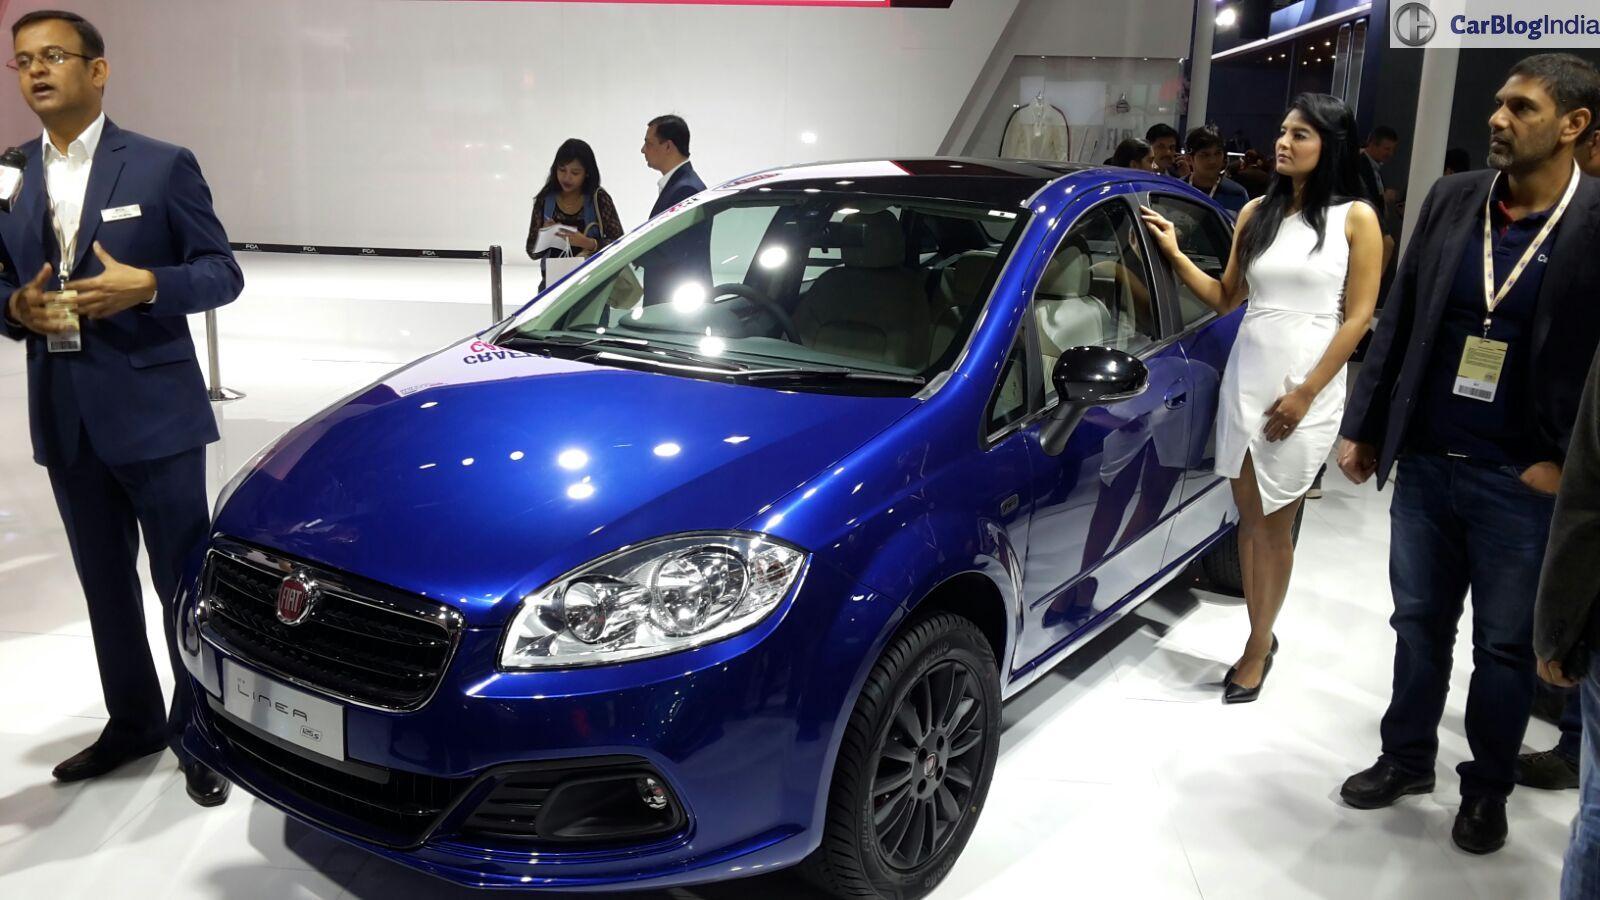 New Fiat Cars at Auto Expo 2016